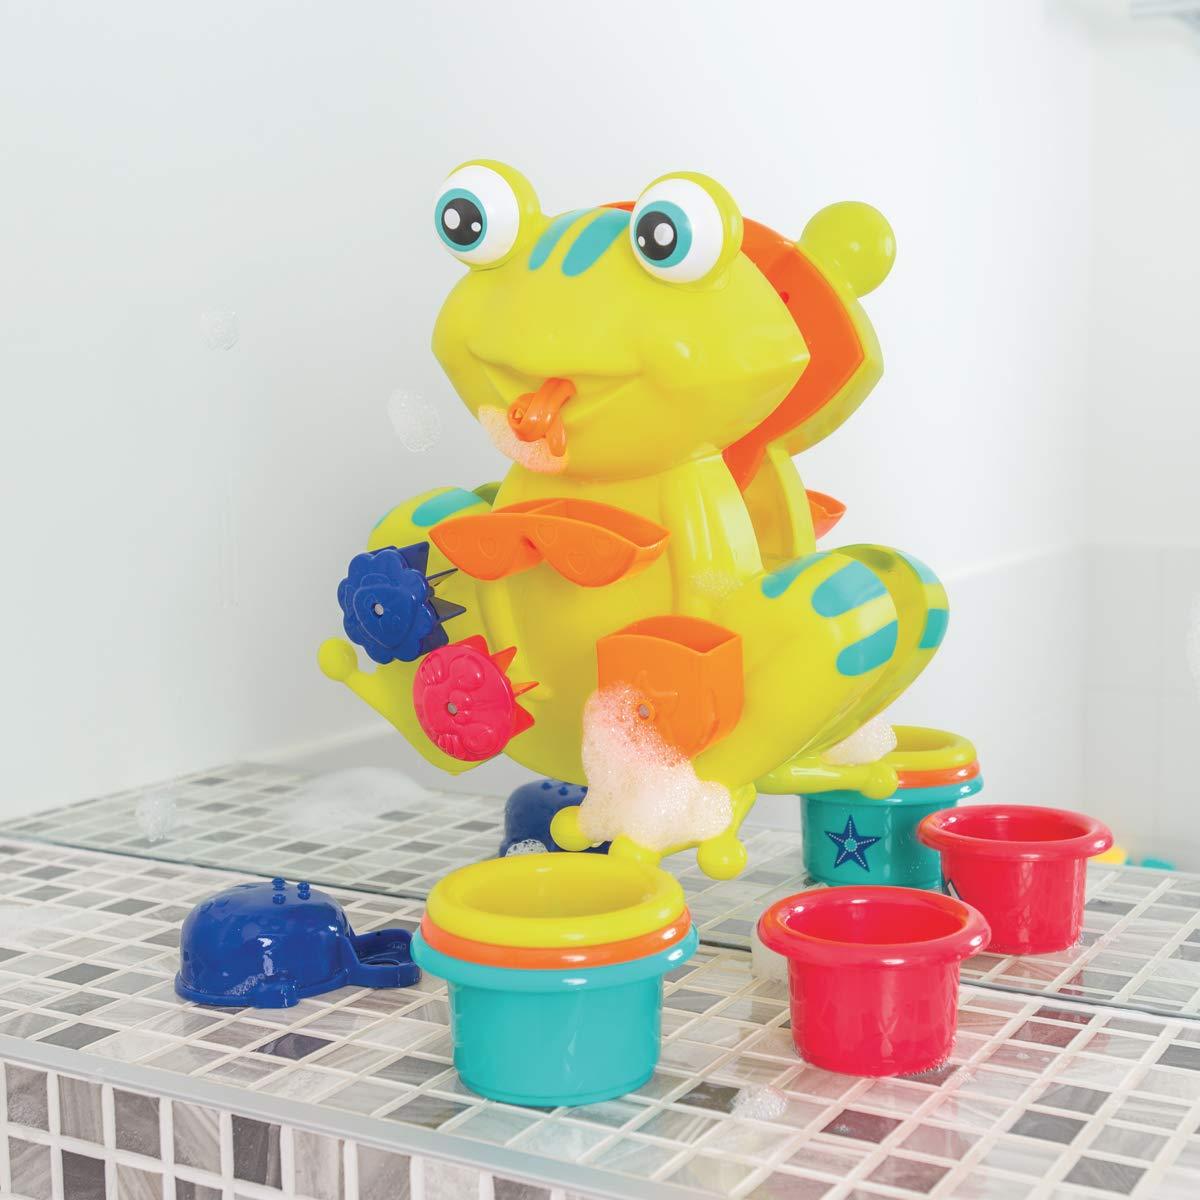 moulins verres gigognes perc/és D/ès 12 mois coupelle Fixations ventouses Coffret de jeux deau pour le bain : grenouille r/éf LUDI 2246